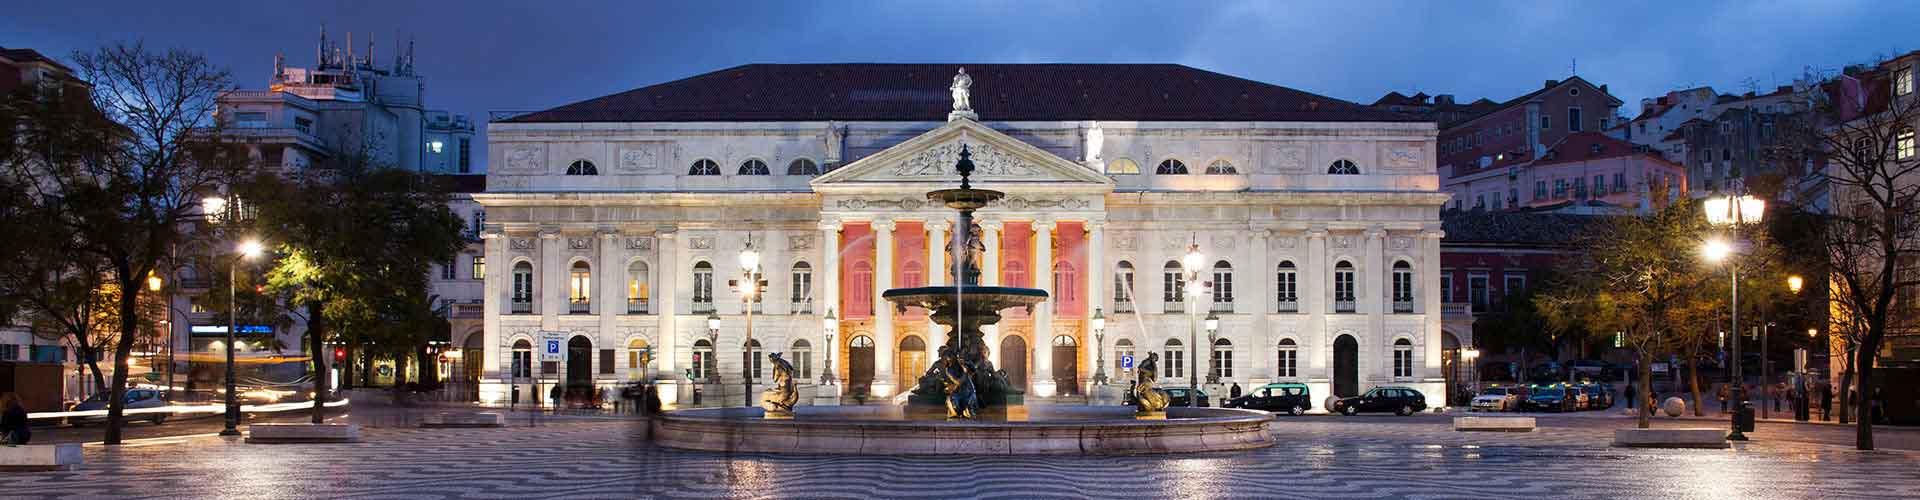 리스본 - 로시오 광장과 Teatro Nacional D. Maria II에 가까운 아파트. 리스본의 지도, 리스본에 위치한 아파트에 대한 사진 및 리뷰.